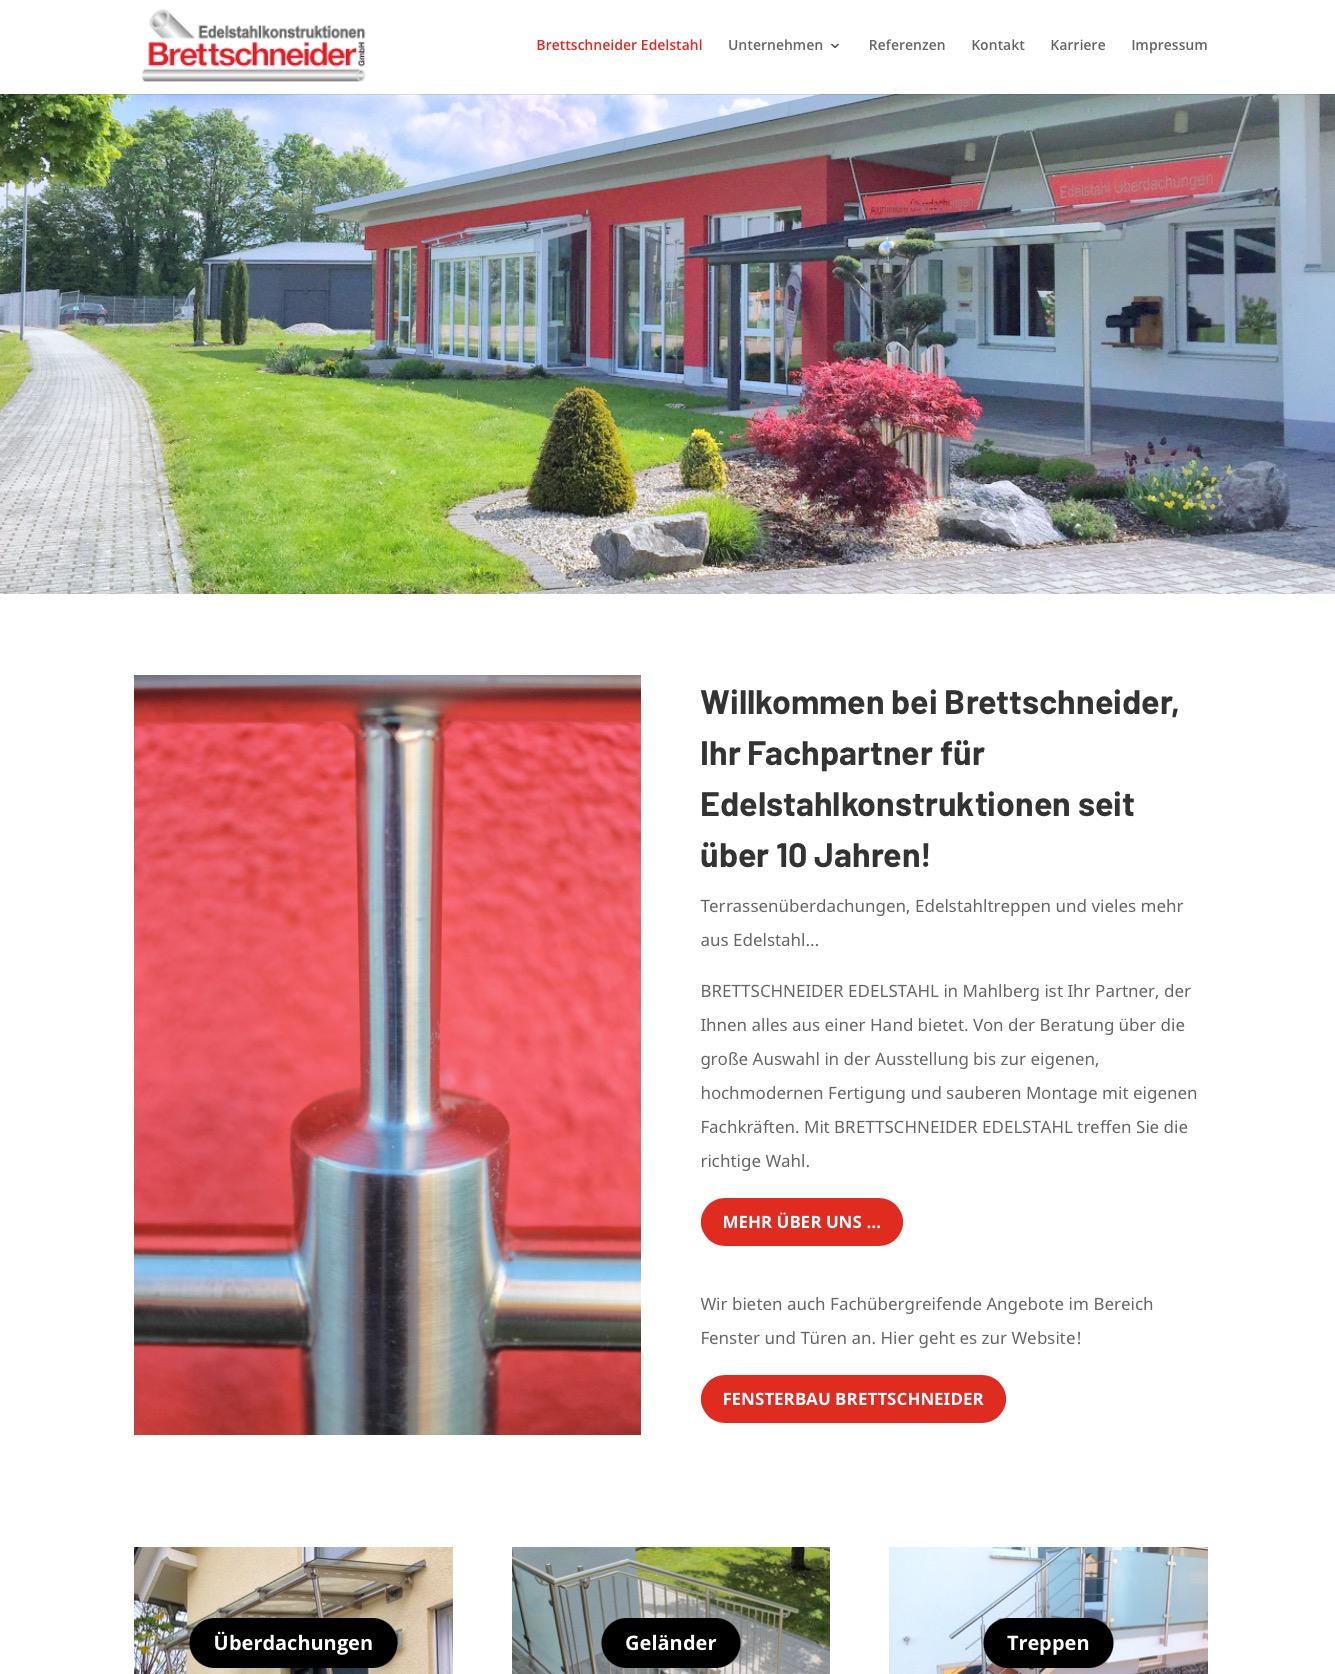 Brettschneider Edelstahl Webseite